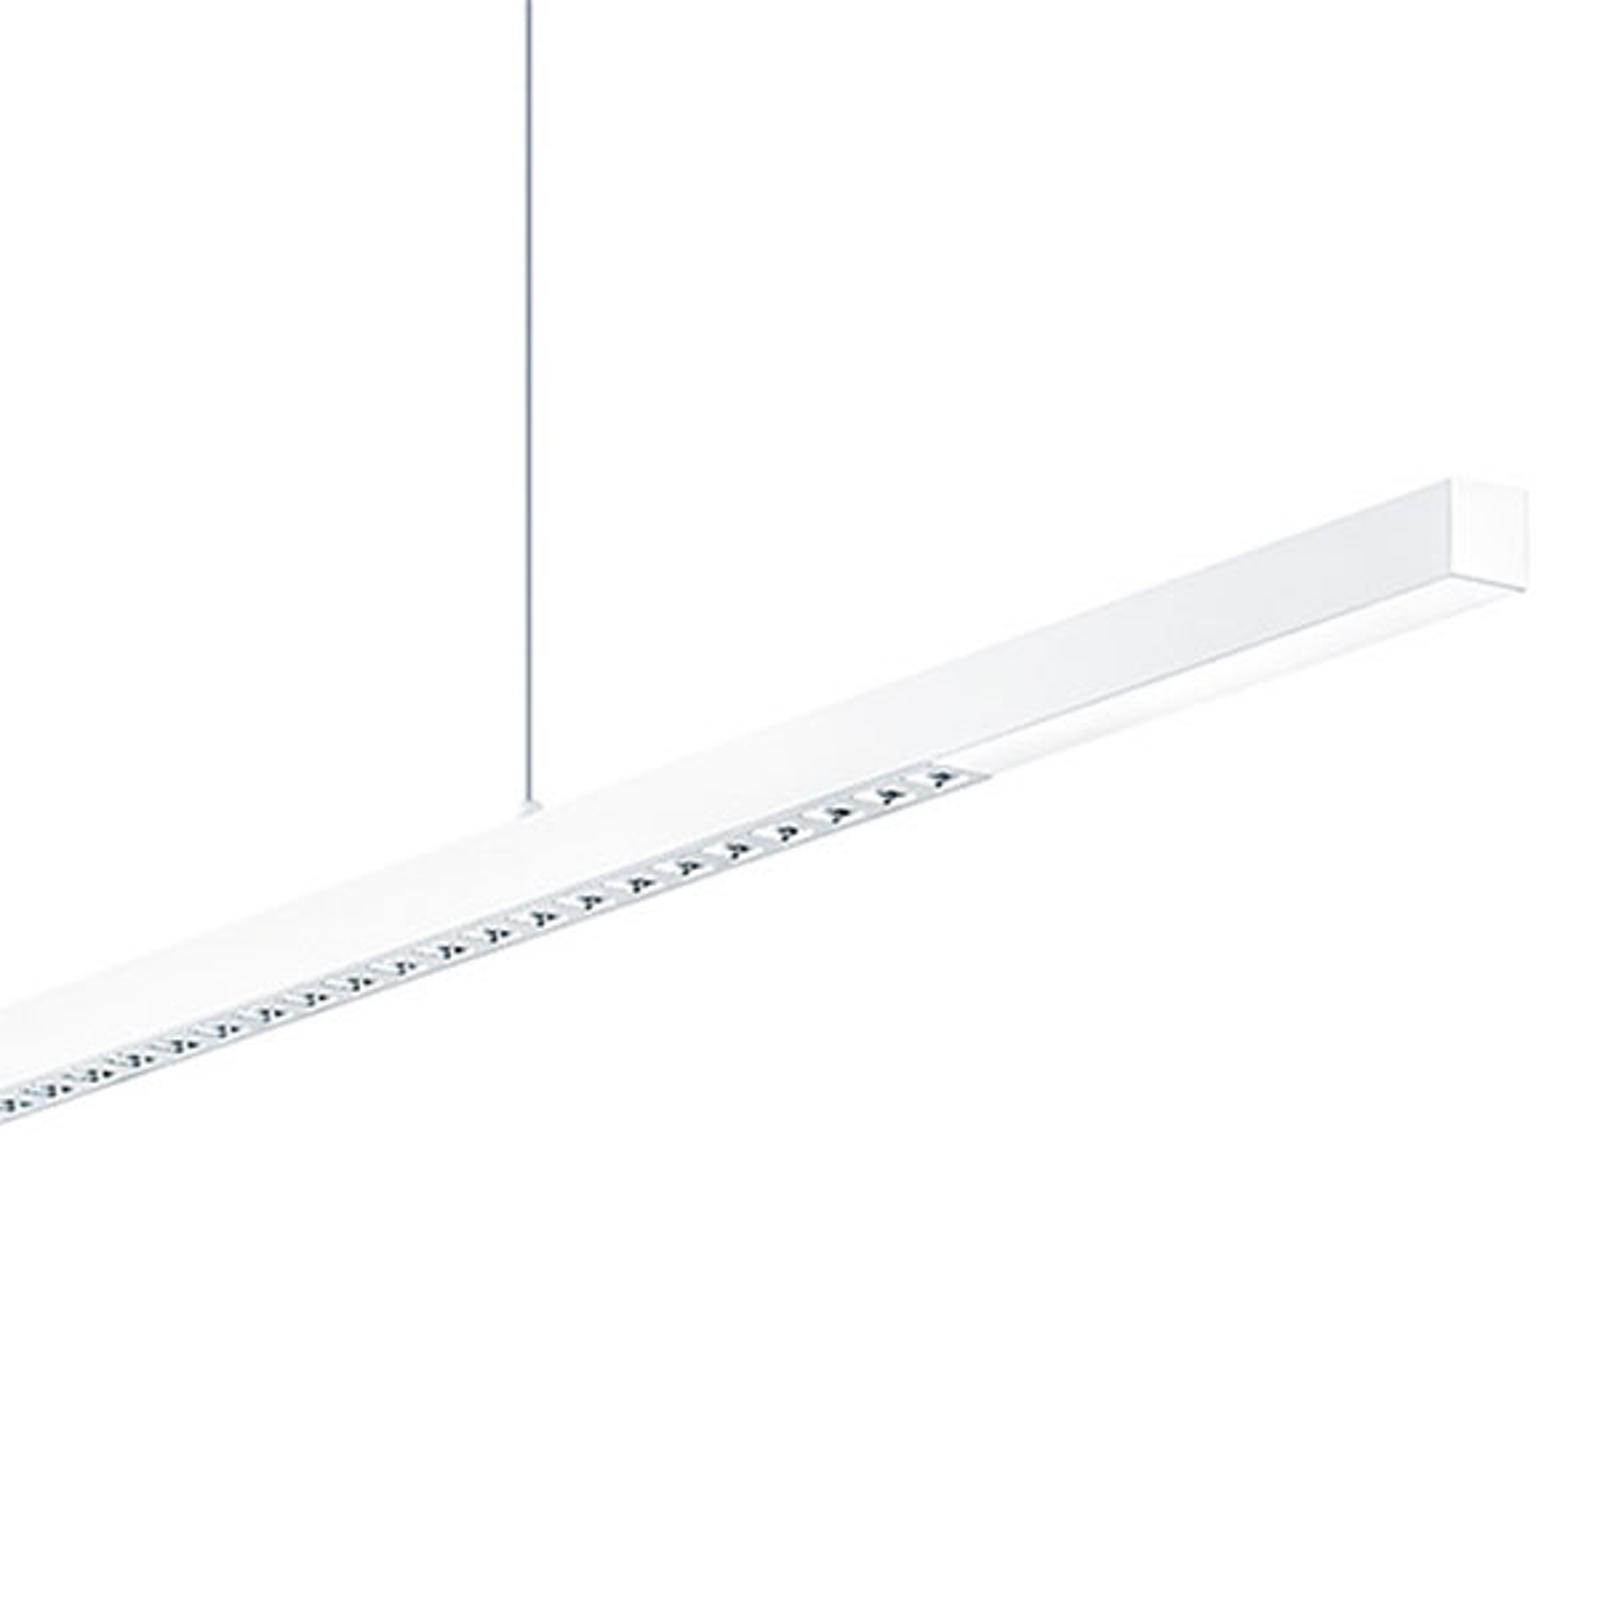 Zumtobel Linetik LED-Hängeleuchte weiß 4.000K